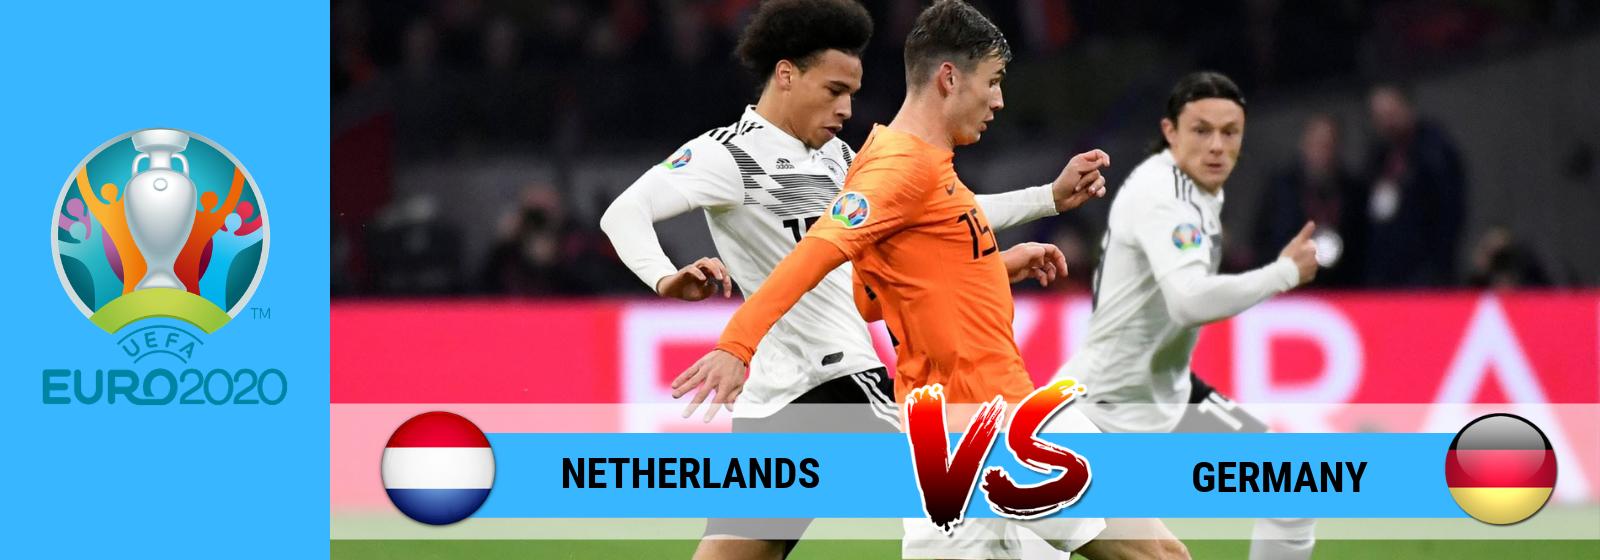 Netherlands vs Germany AsianConnect